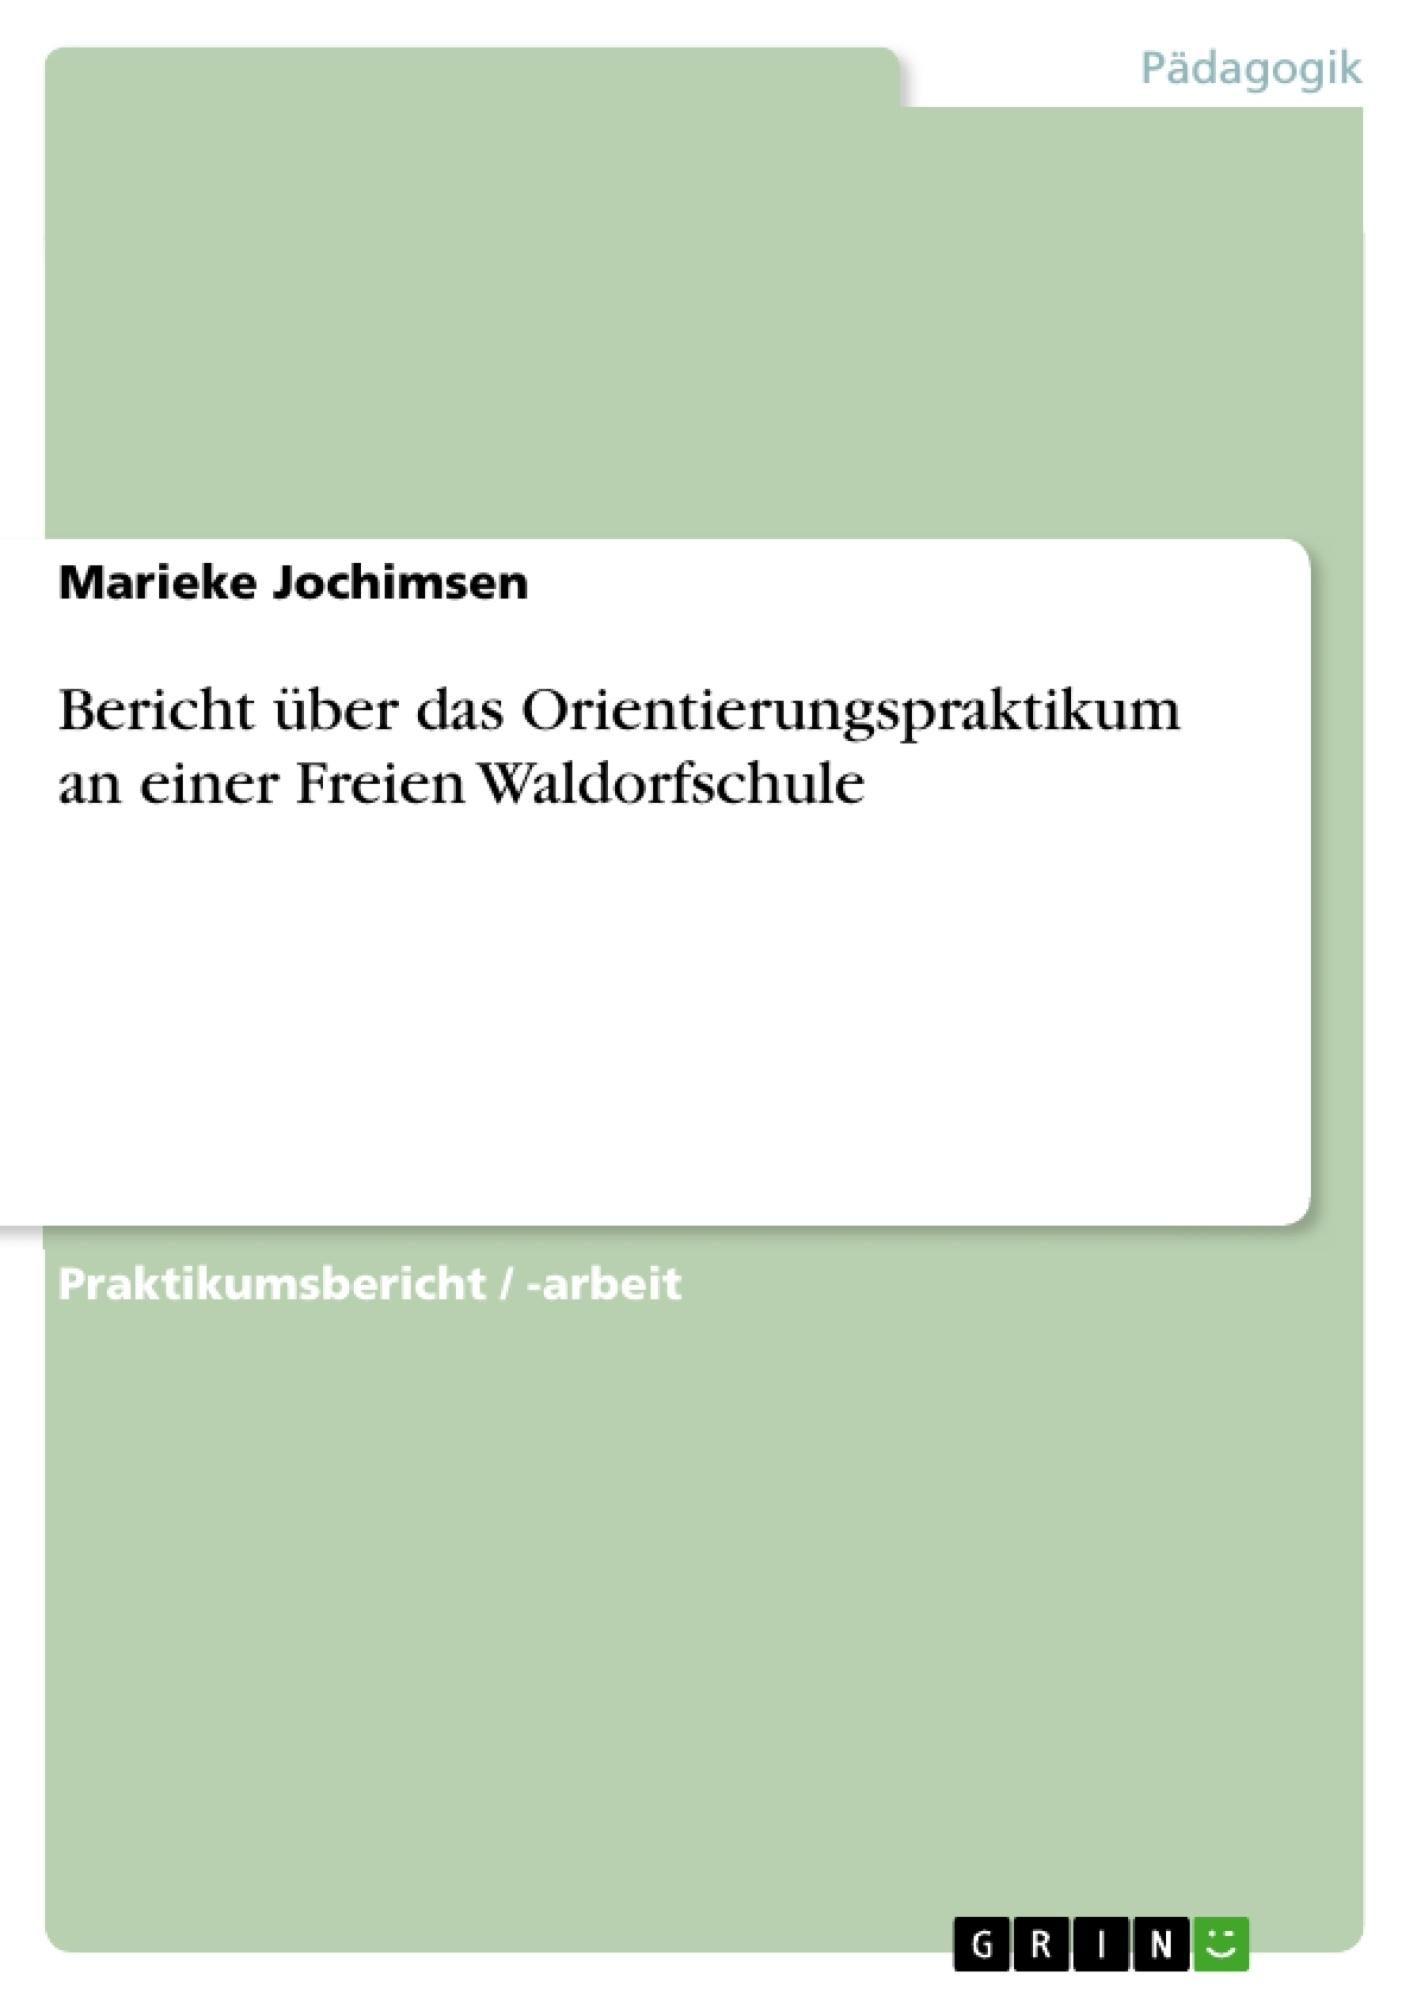 Titel: Bericht über das Orientierungspraktikum  an einer Freien Waldorfschule